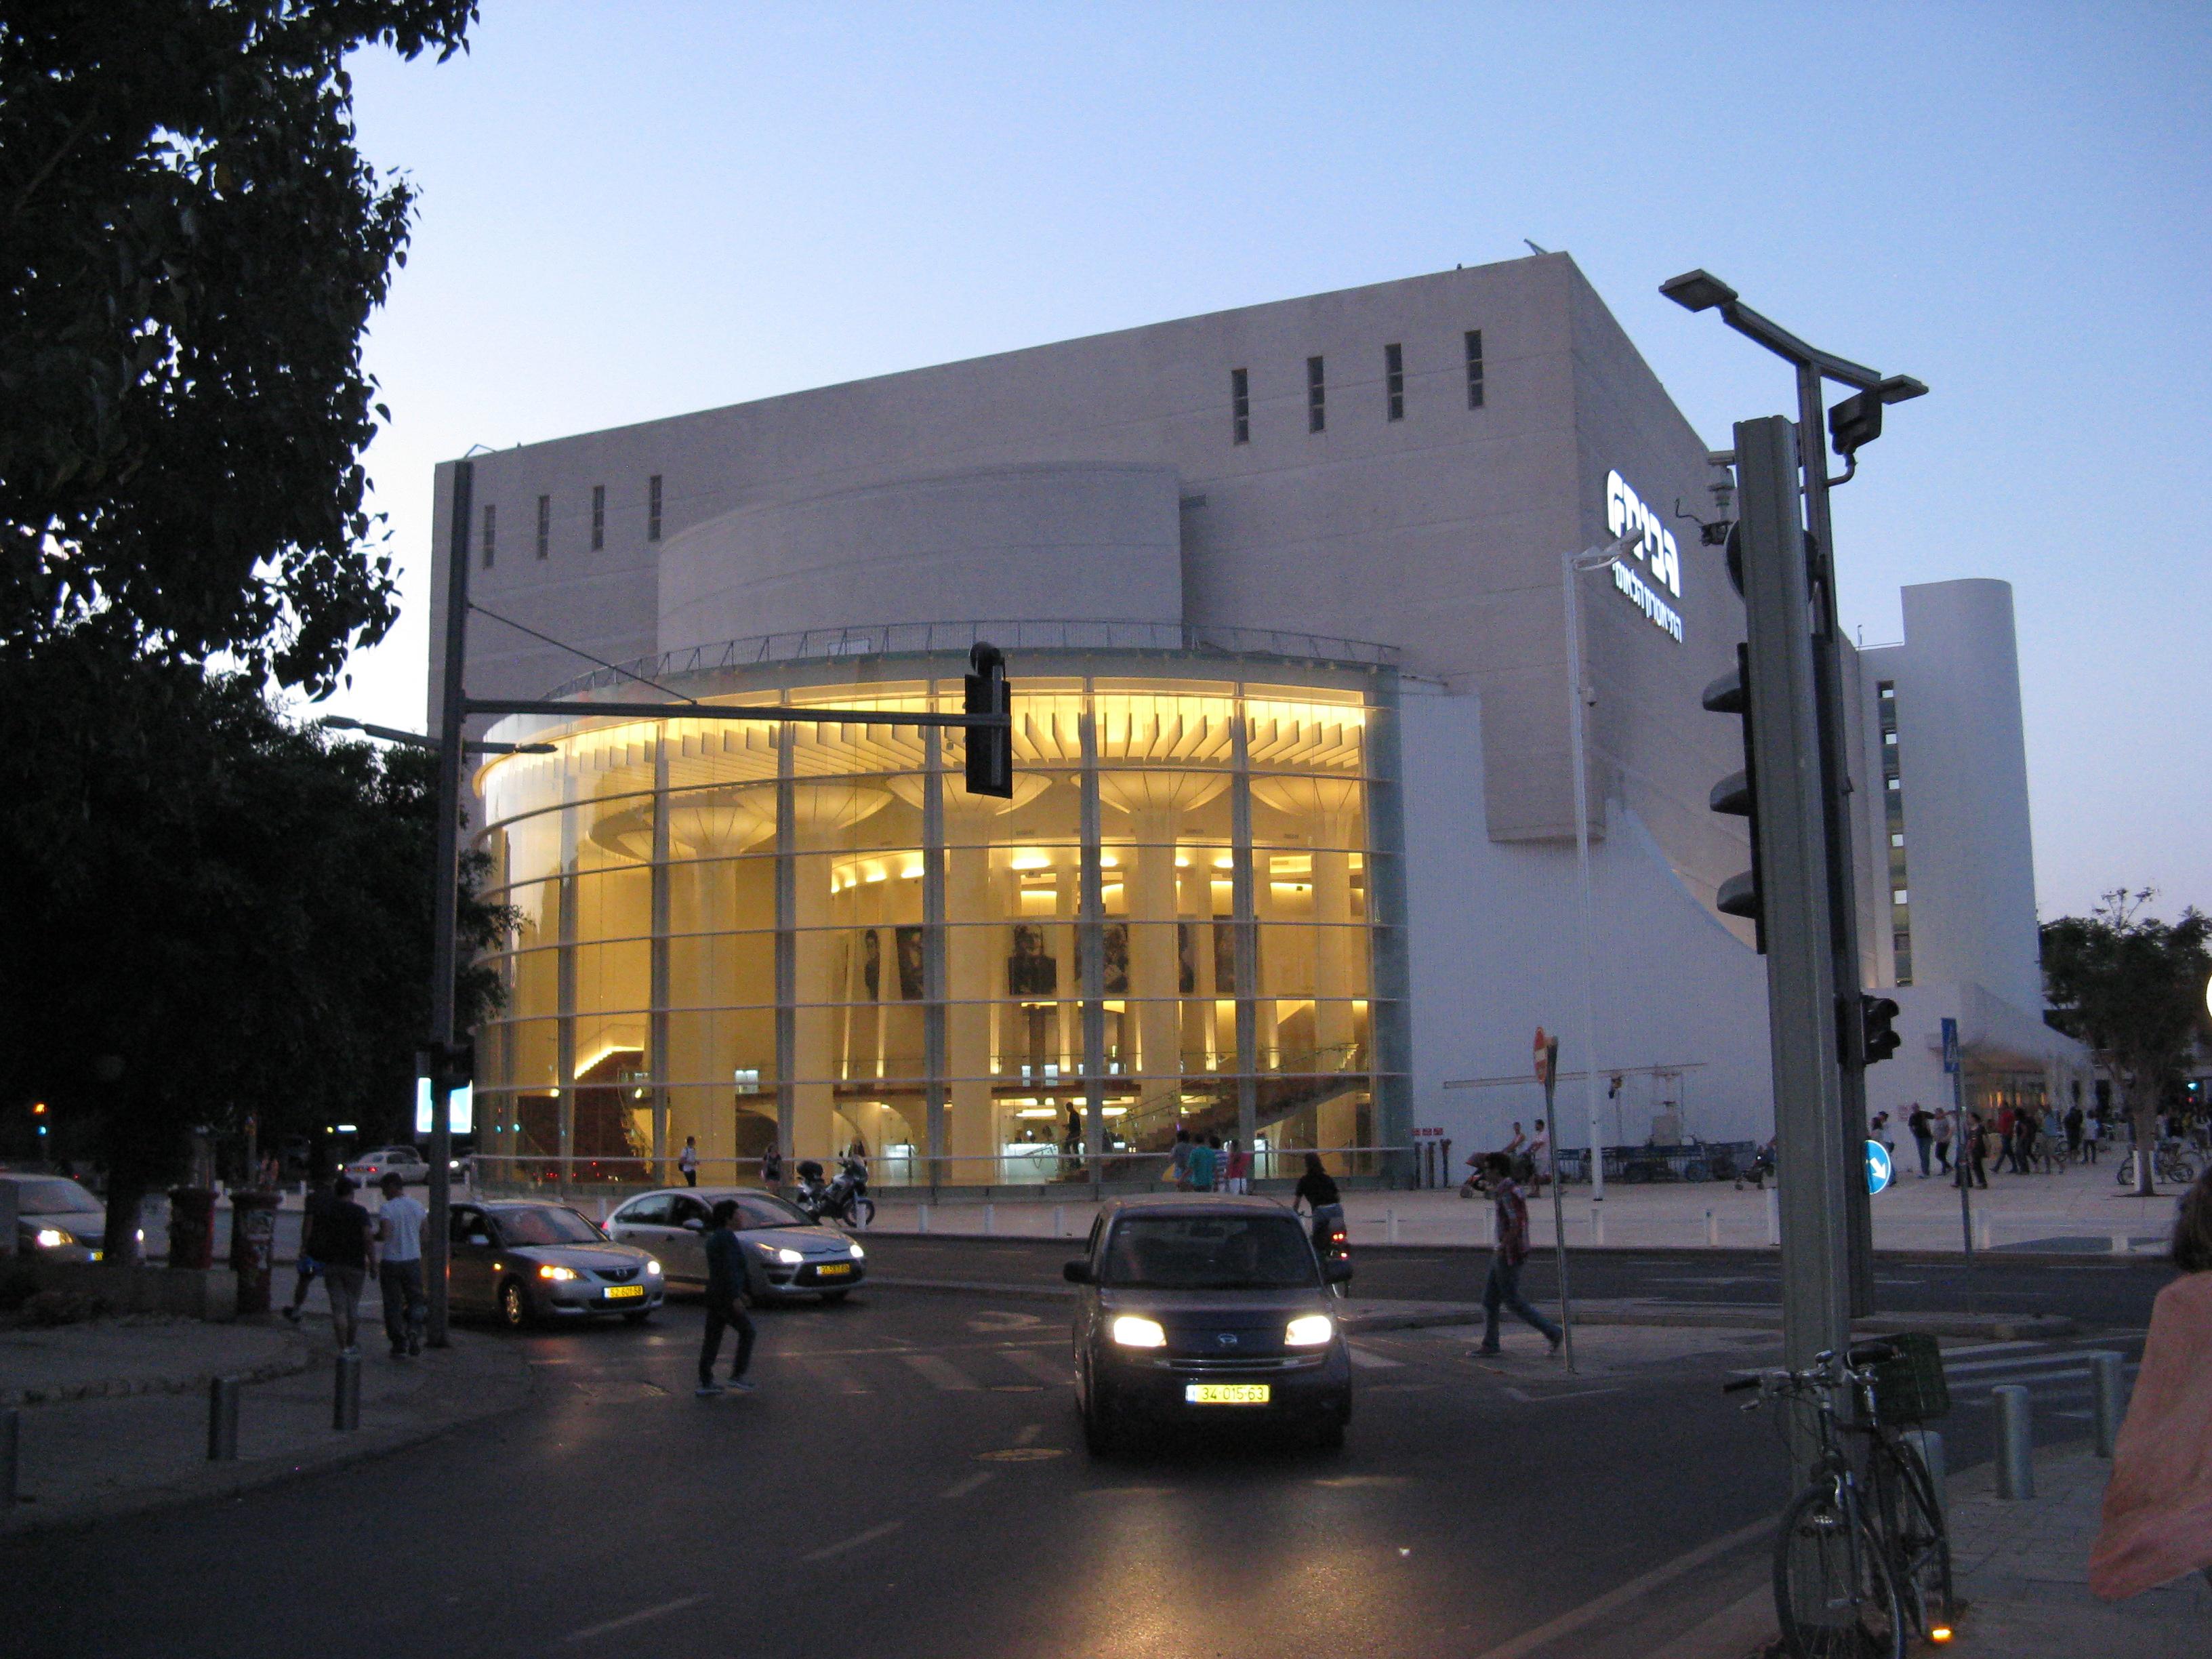 После привлечения меценатов в проект реконструкции театра на Андреевском спуске были внесены изменения, - глава аппарата КГГА Бондаренко - Цензор.НЕТ 3217